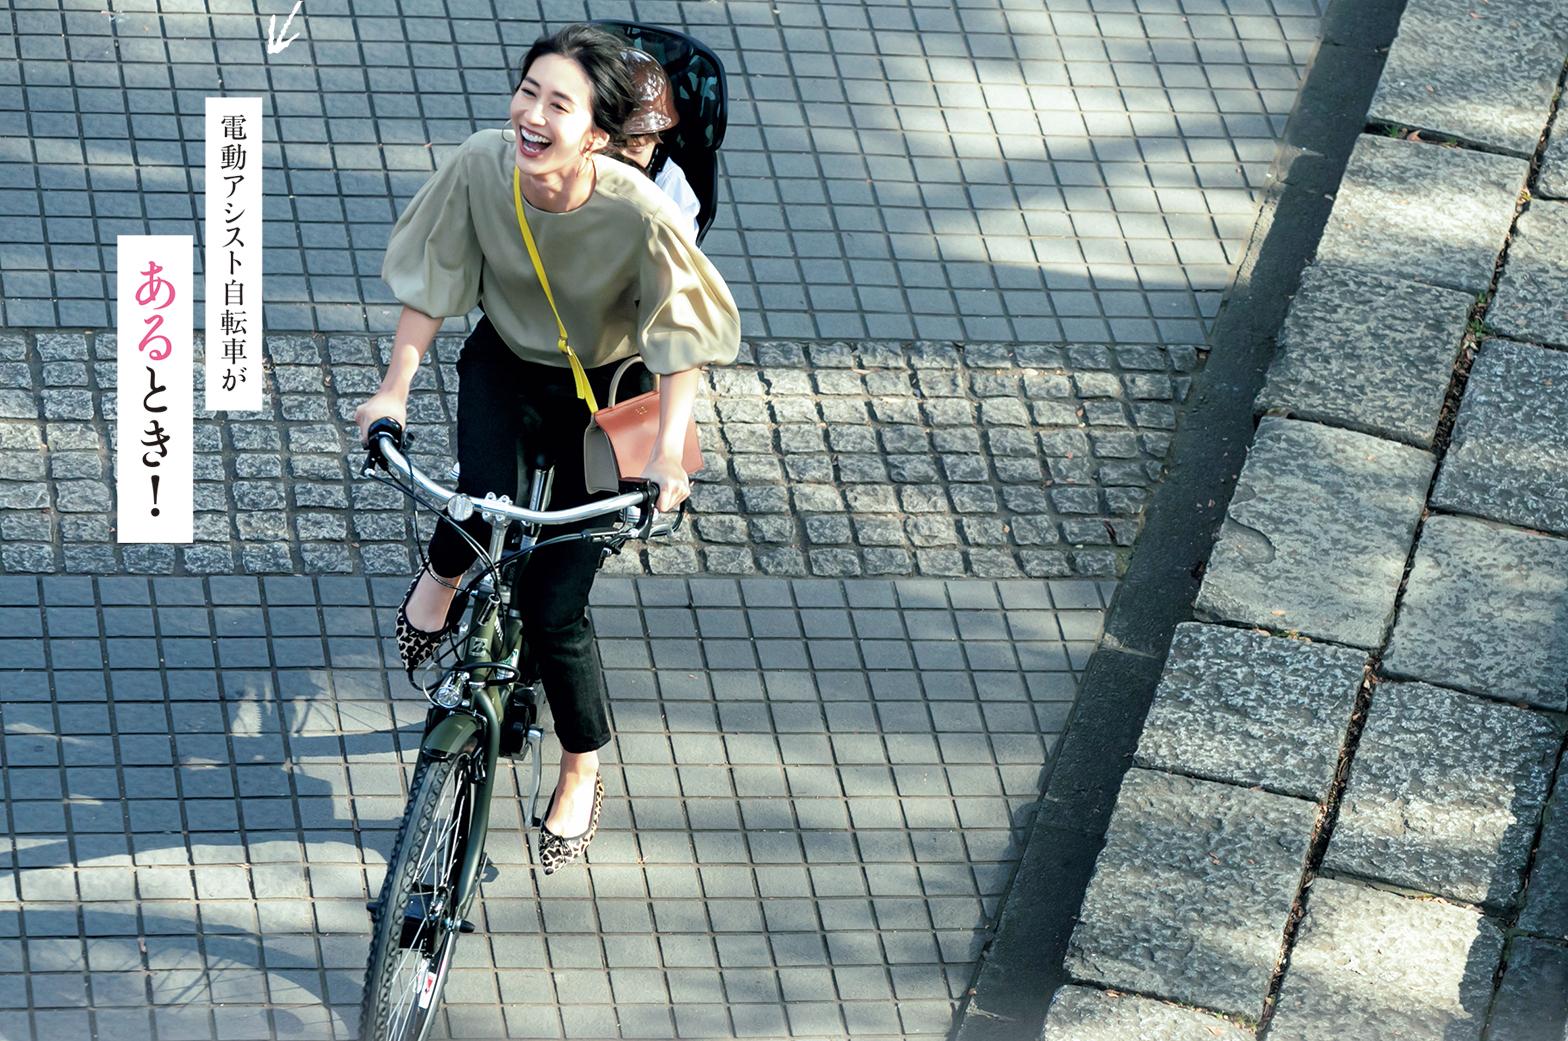 電動アシスト自転車があるとき...